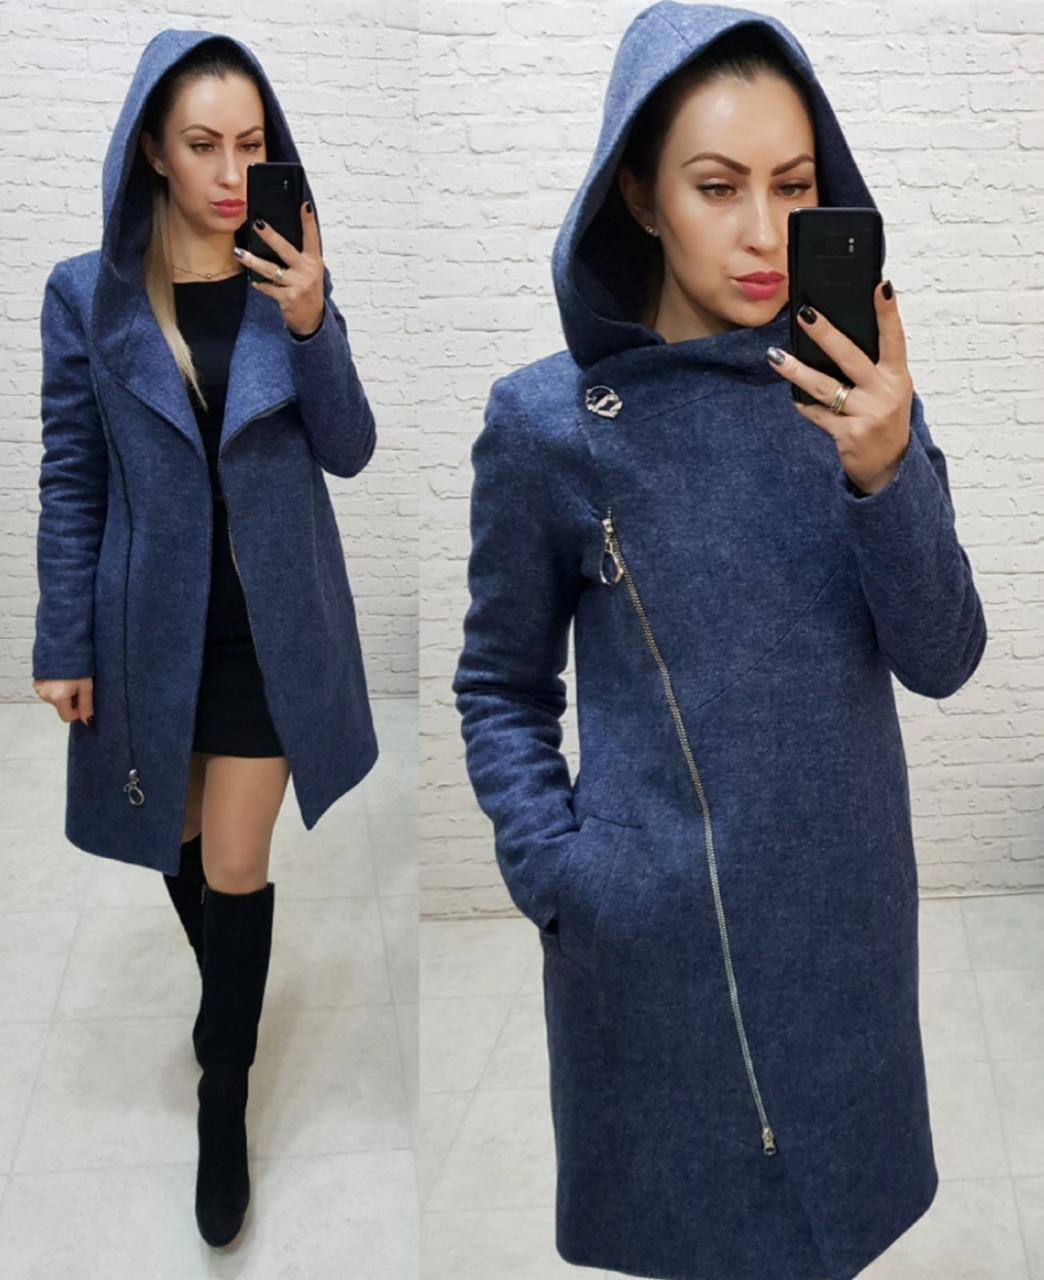 Пальто женское с капюшоном, цвет 05,зима, модель  136